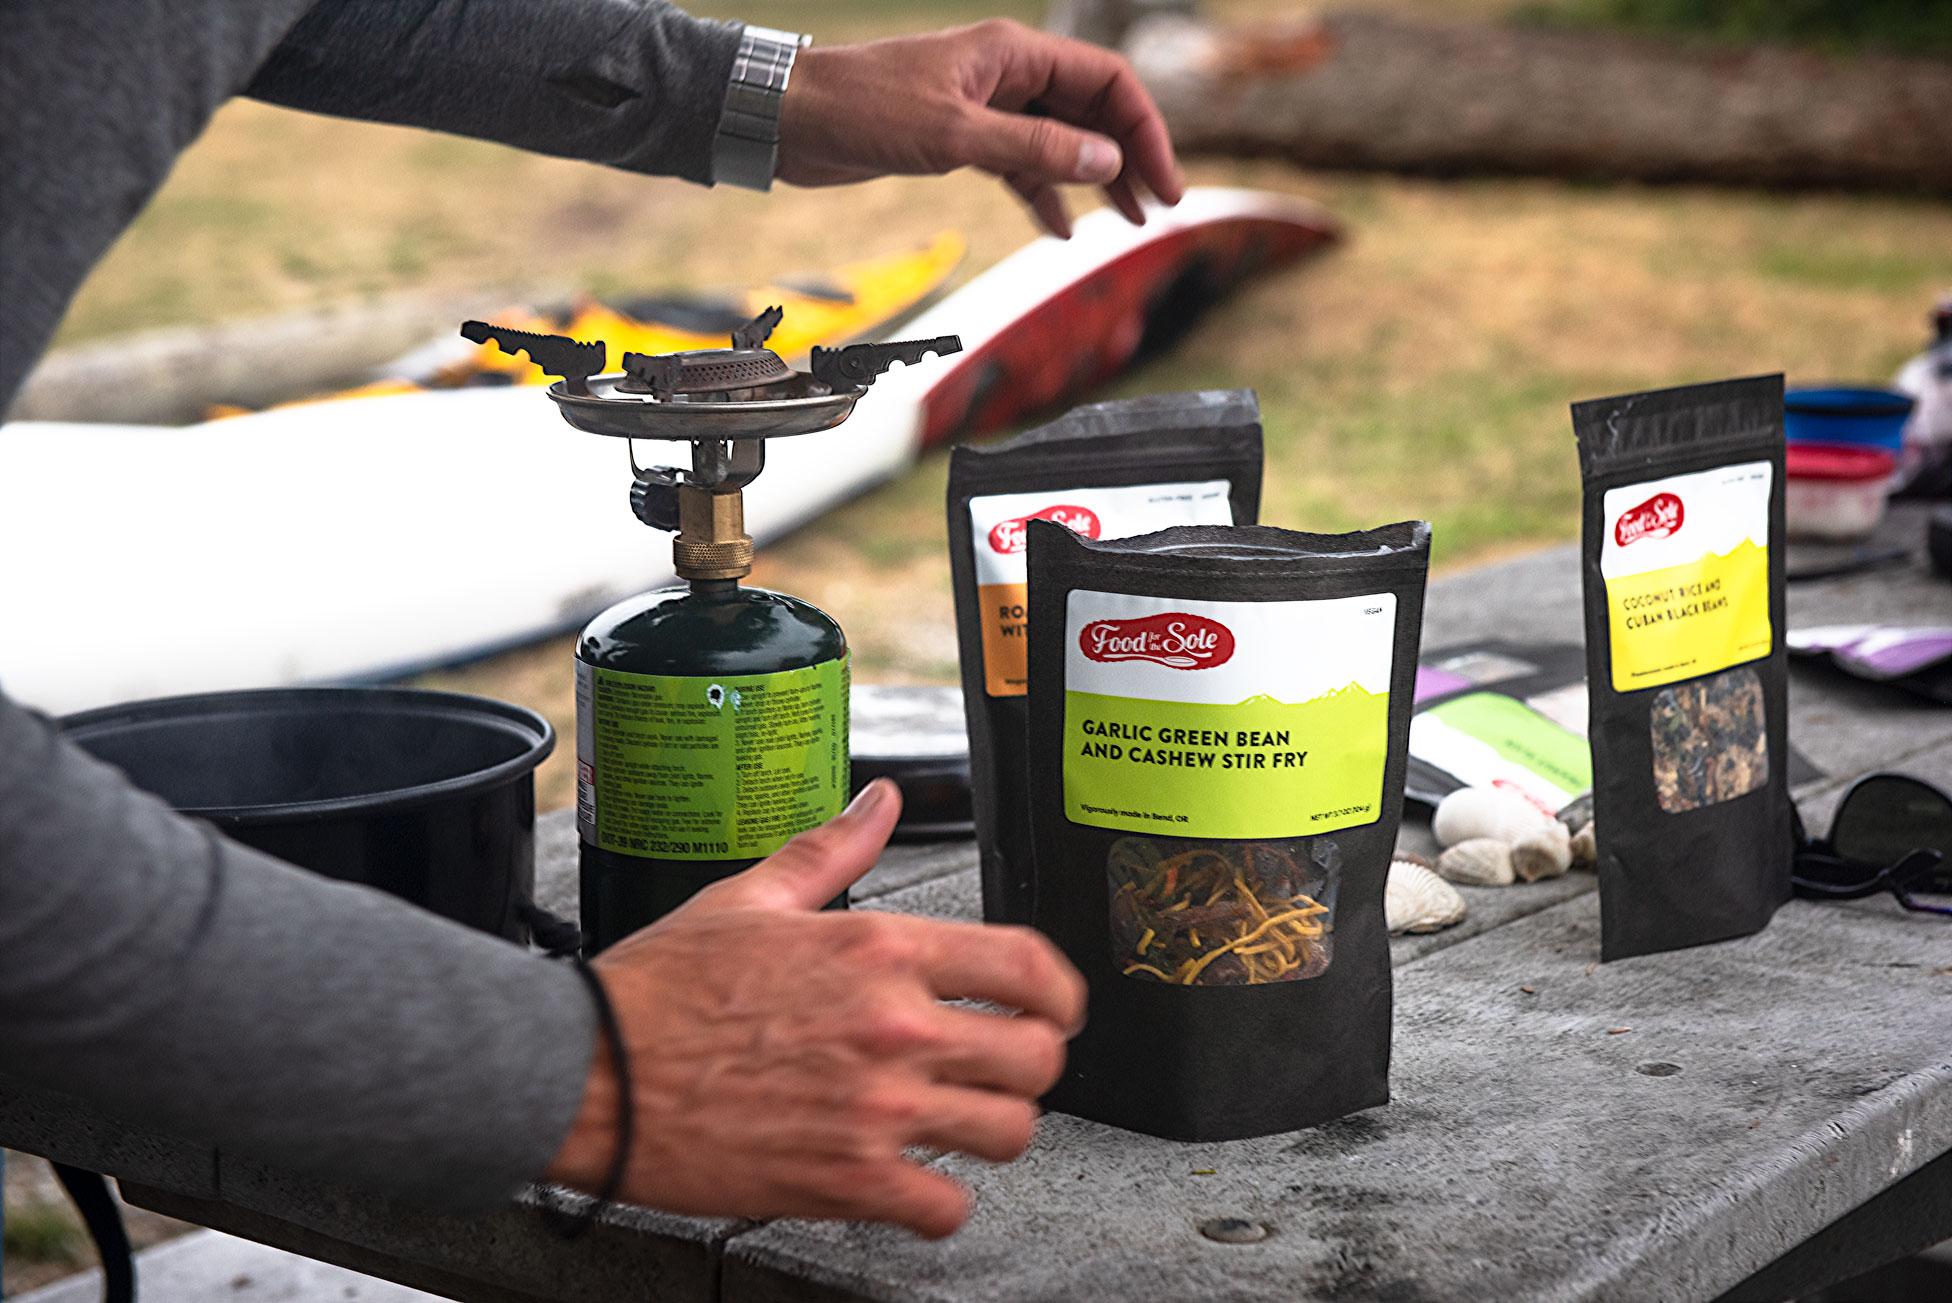 Garlic Green Bean Cashew Stir Fry-CAMPING food-sea kayaking food.jpg